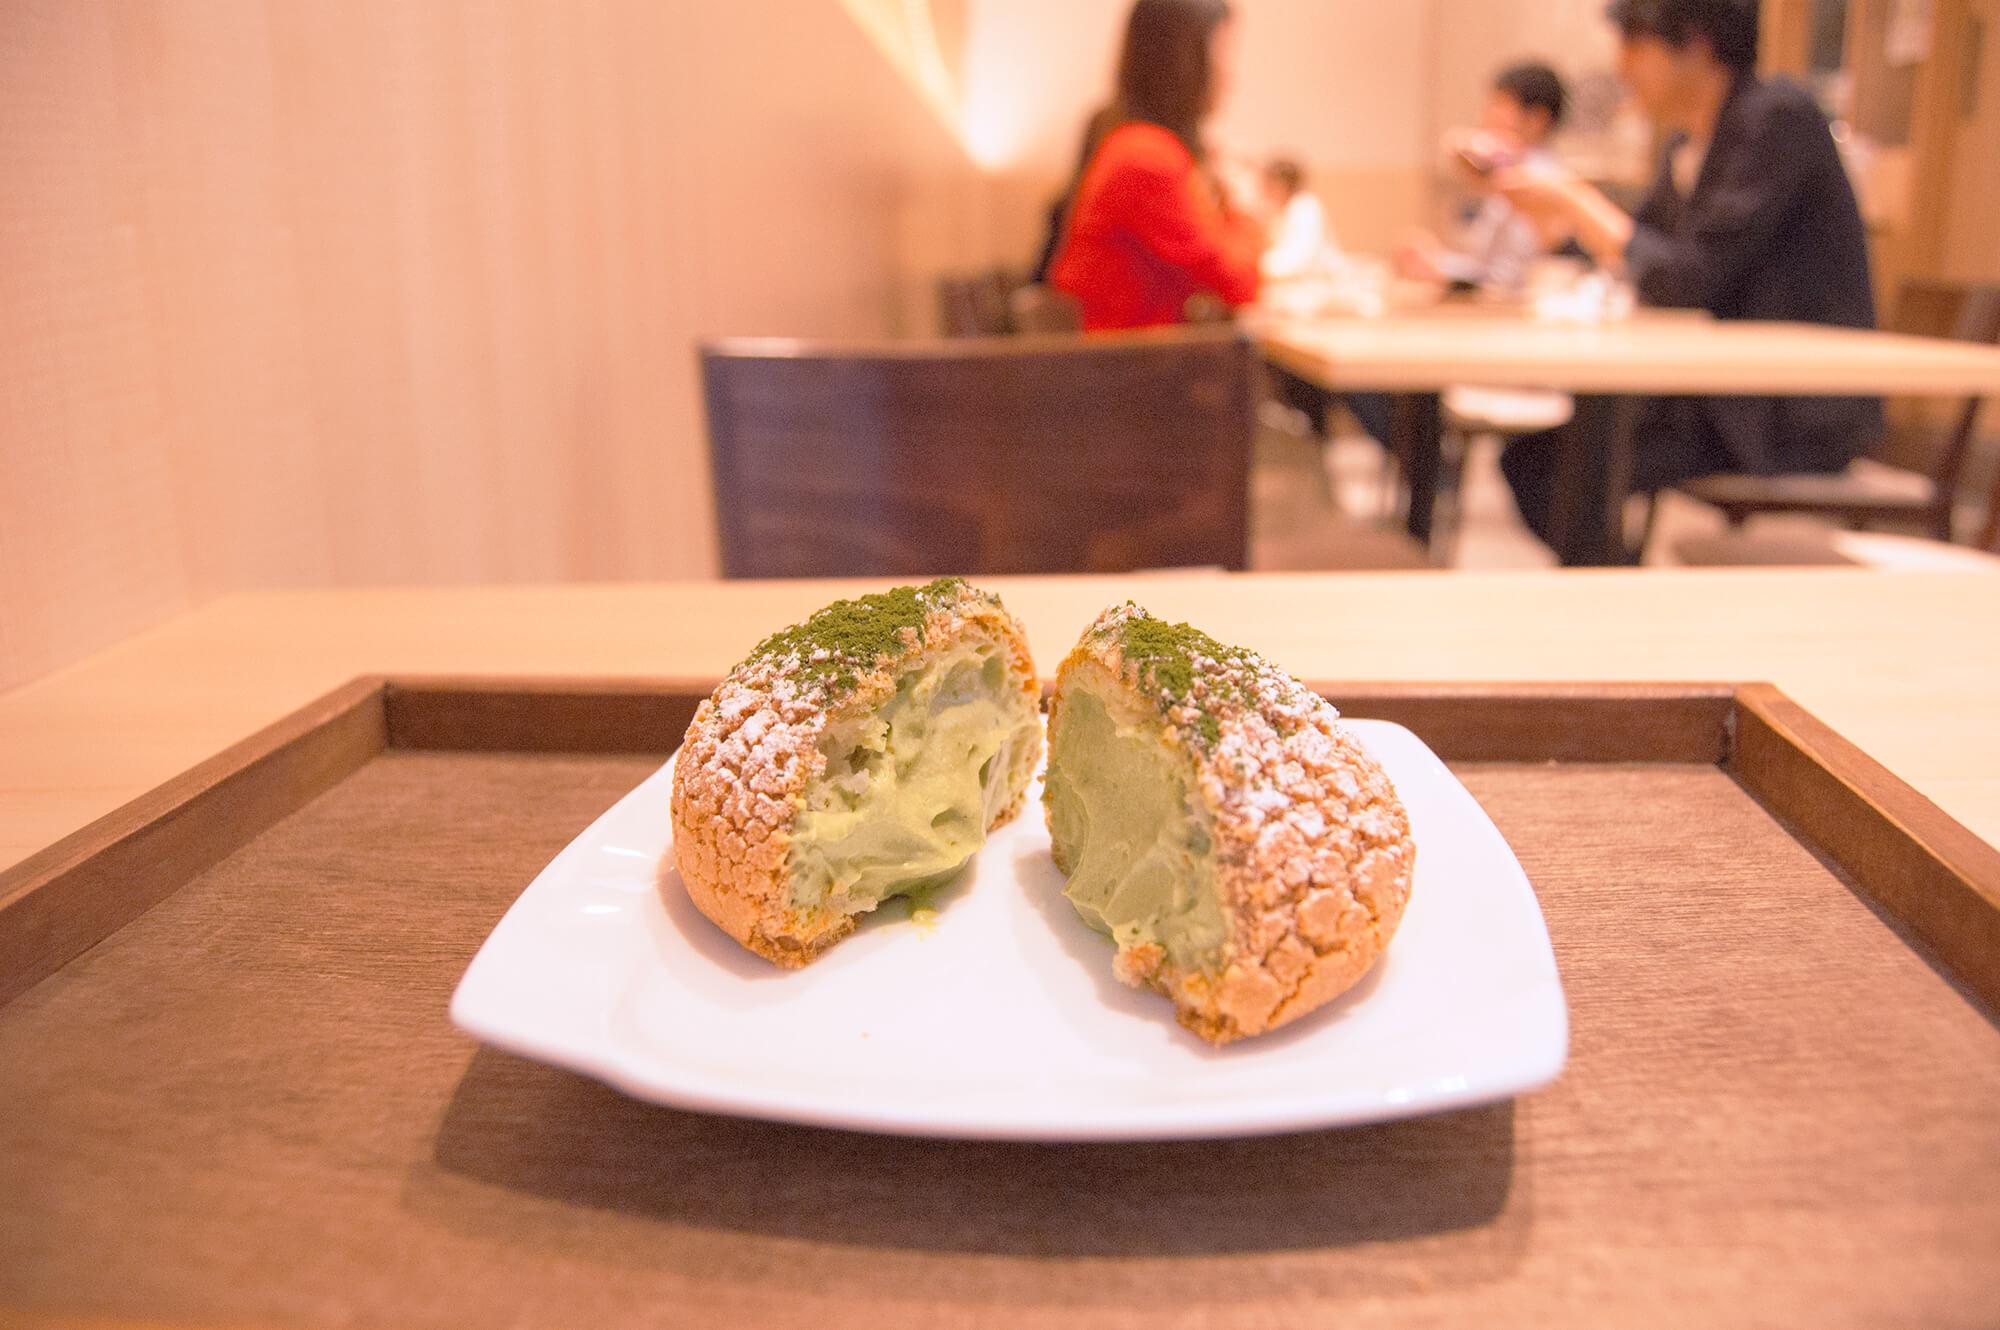 Saijoen Matcha Cafe